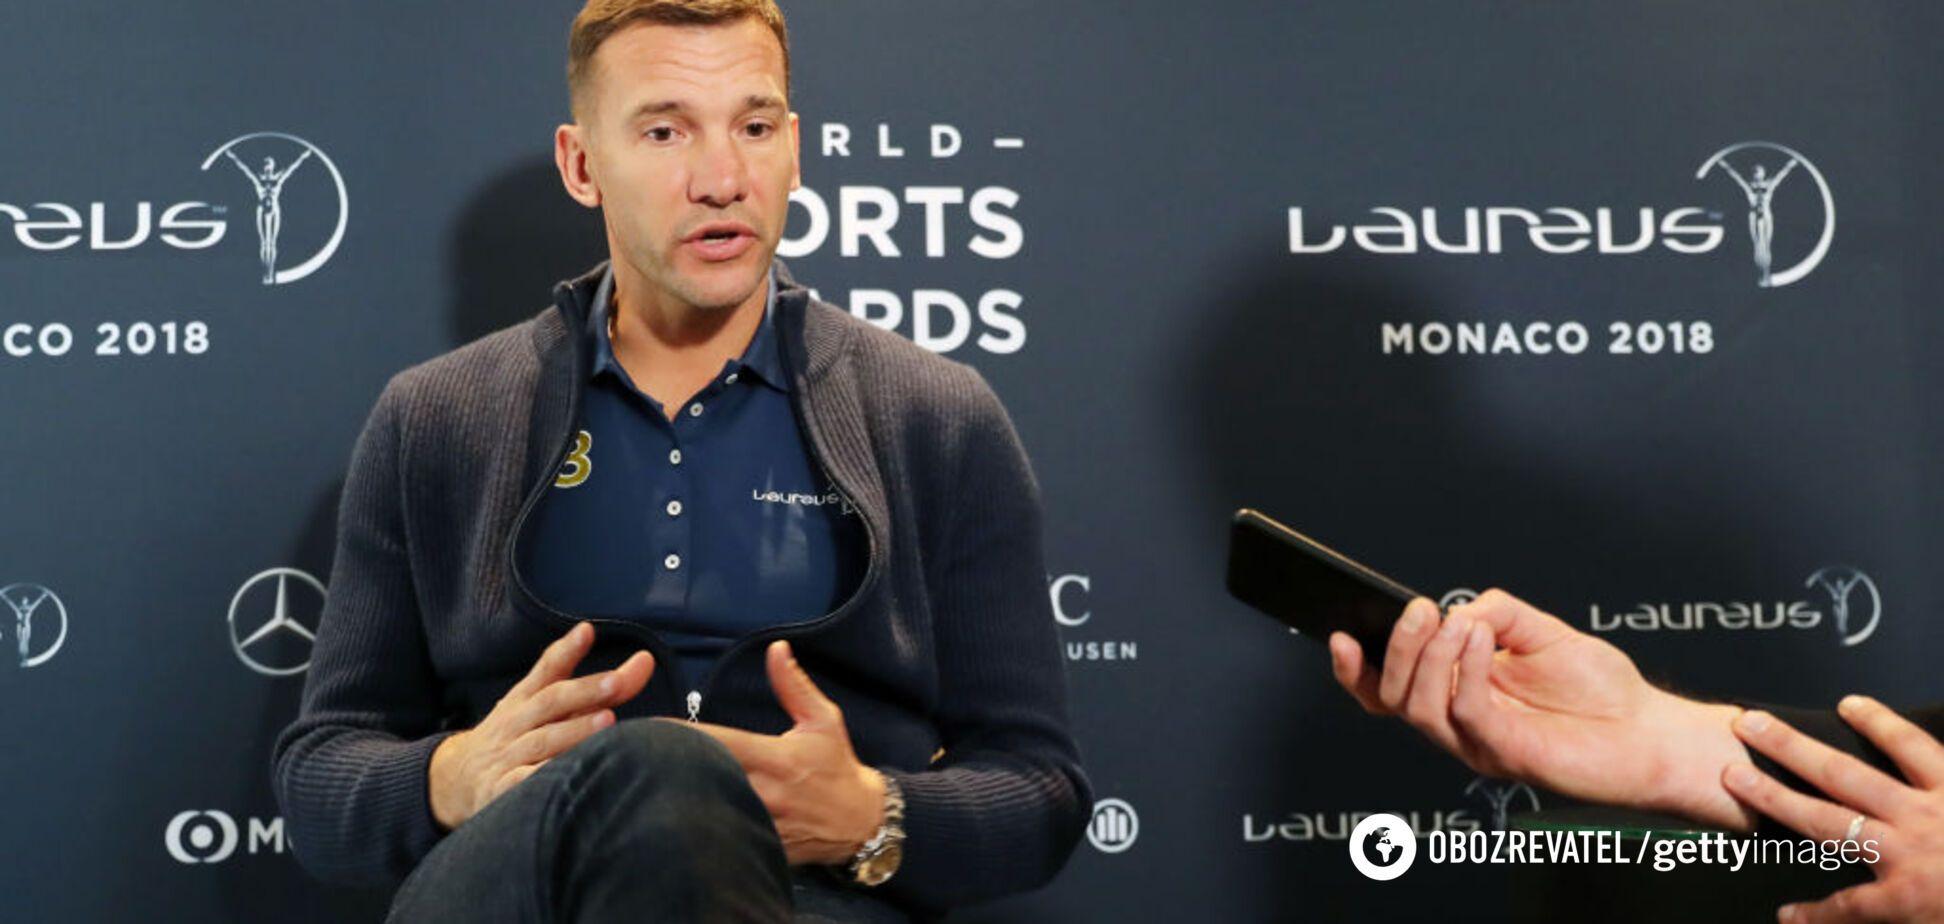 Шевченко назвал футболиста, от которого 'никогда не будет отказываться сборная'